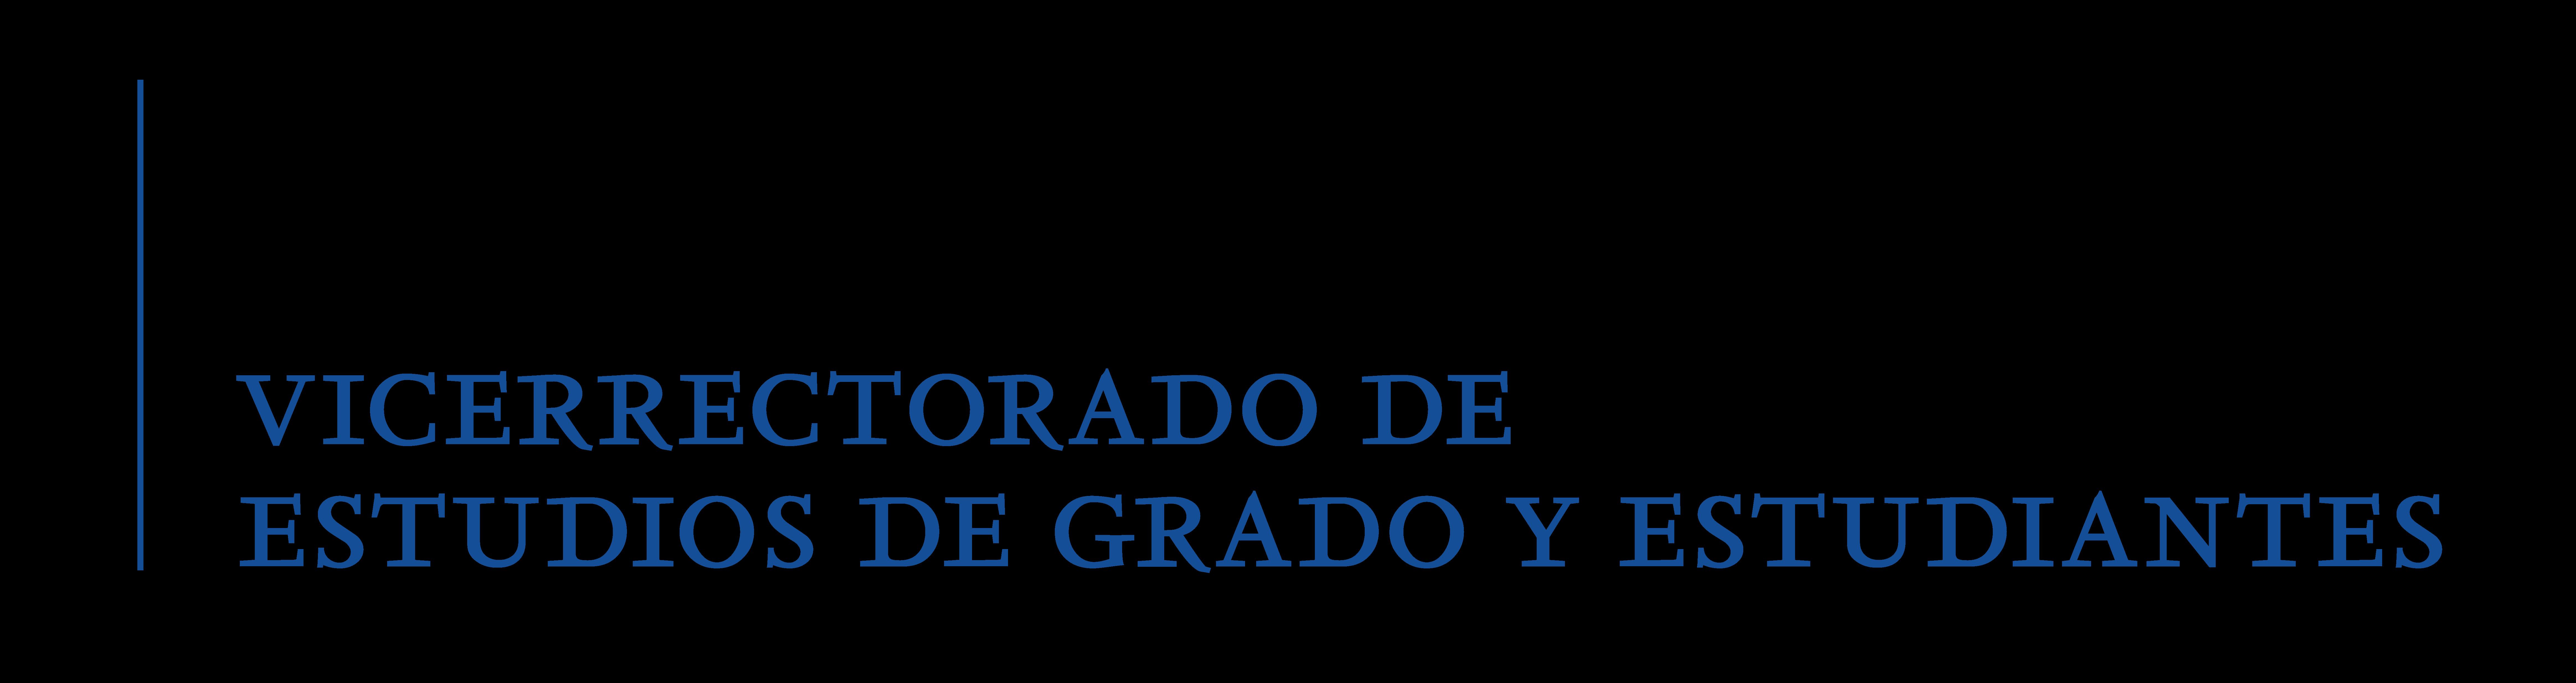 Vicerrectorado de Estudios de Grado y Estudiantes